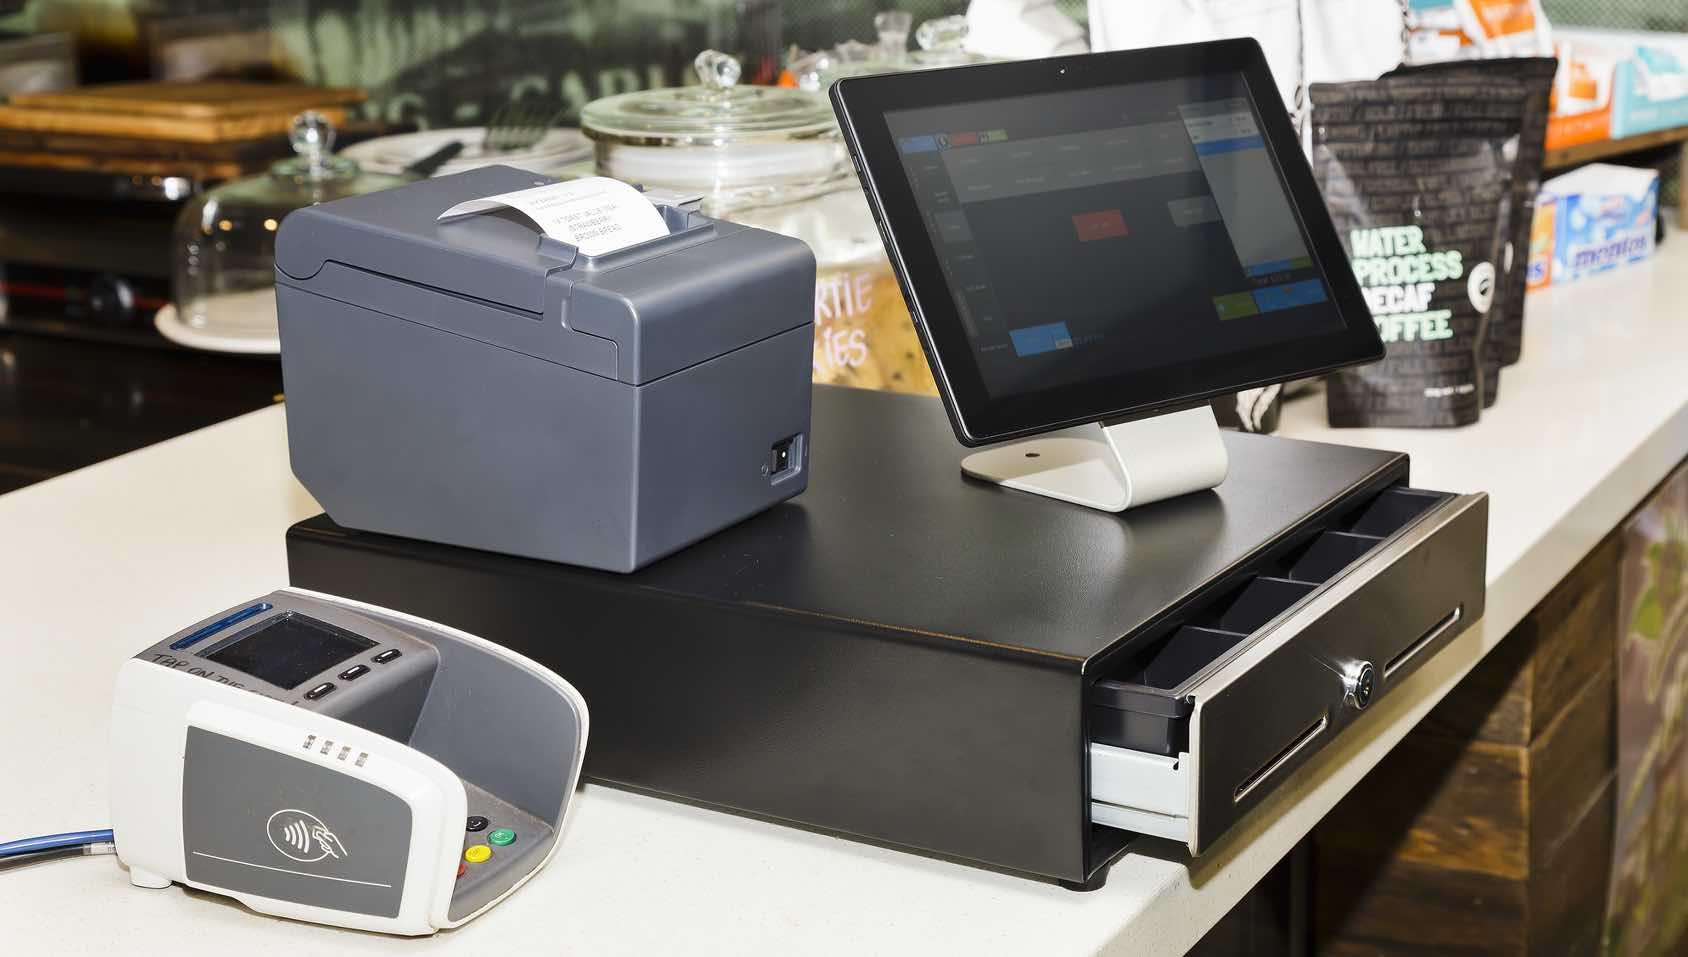 Caisse enregistreuse complète avec iPad tiroir-caisse imprimantes de reçus et lecteur de cartes